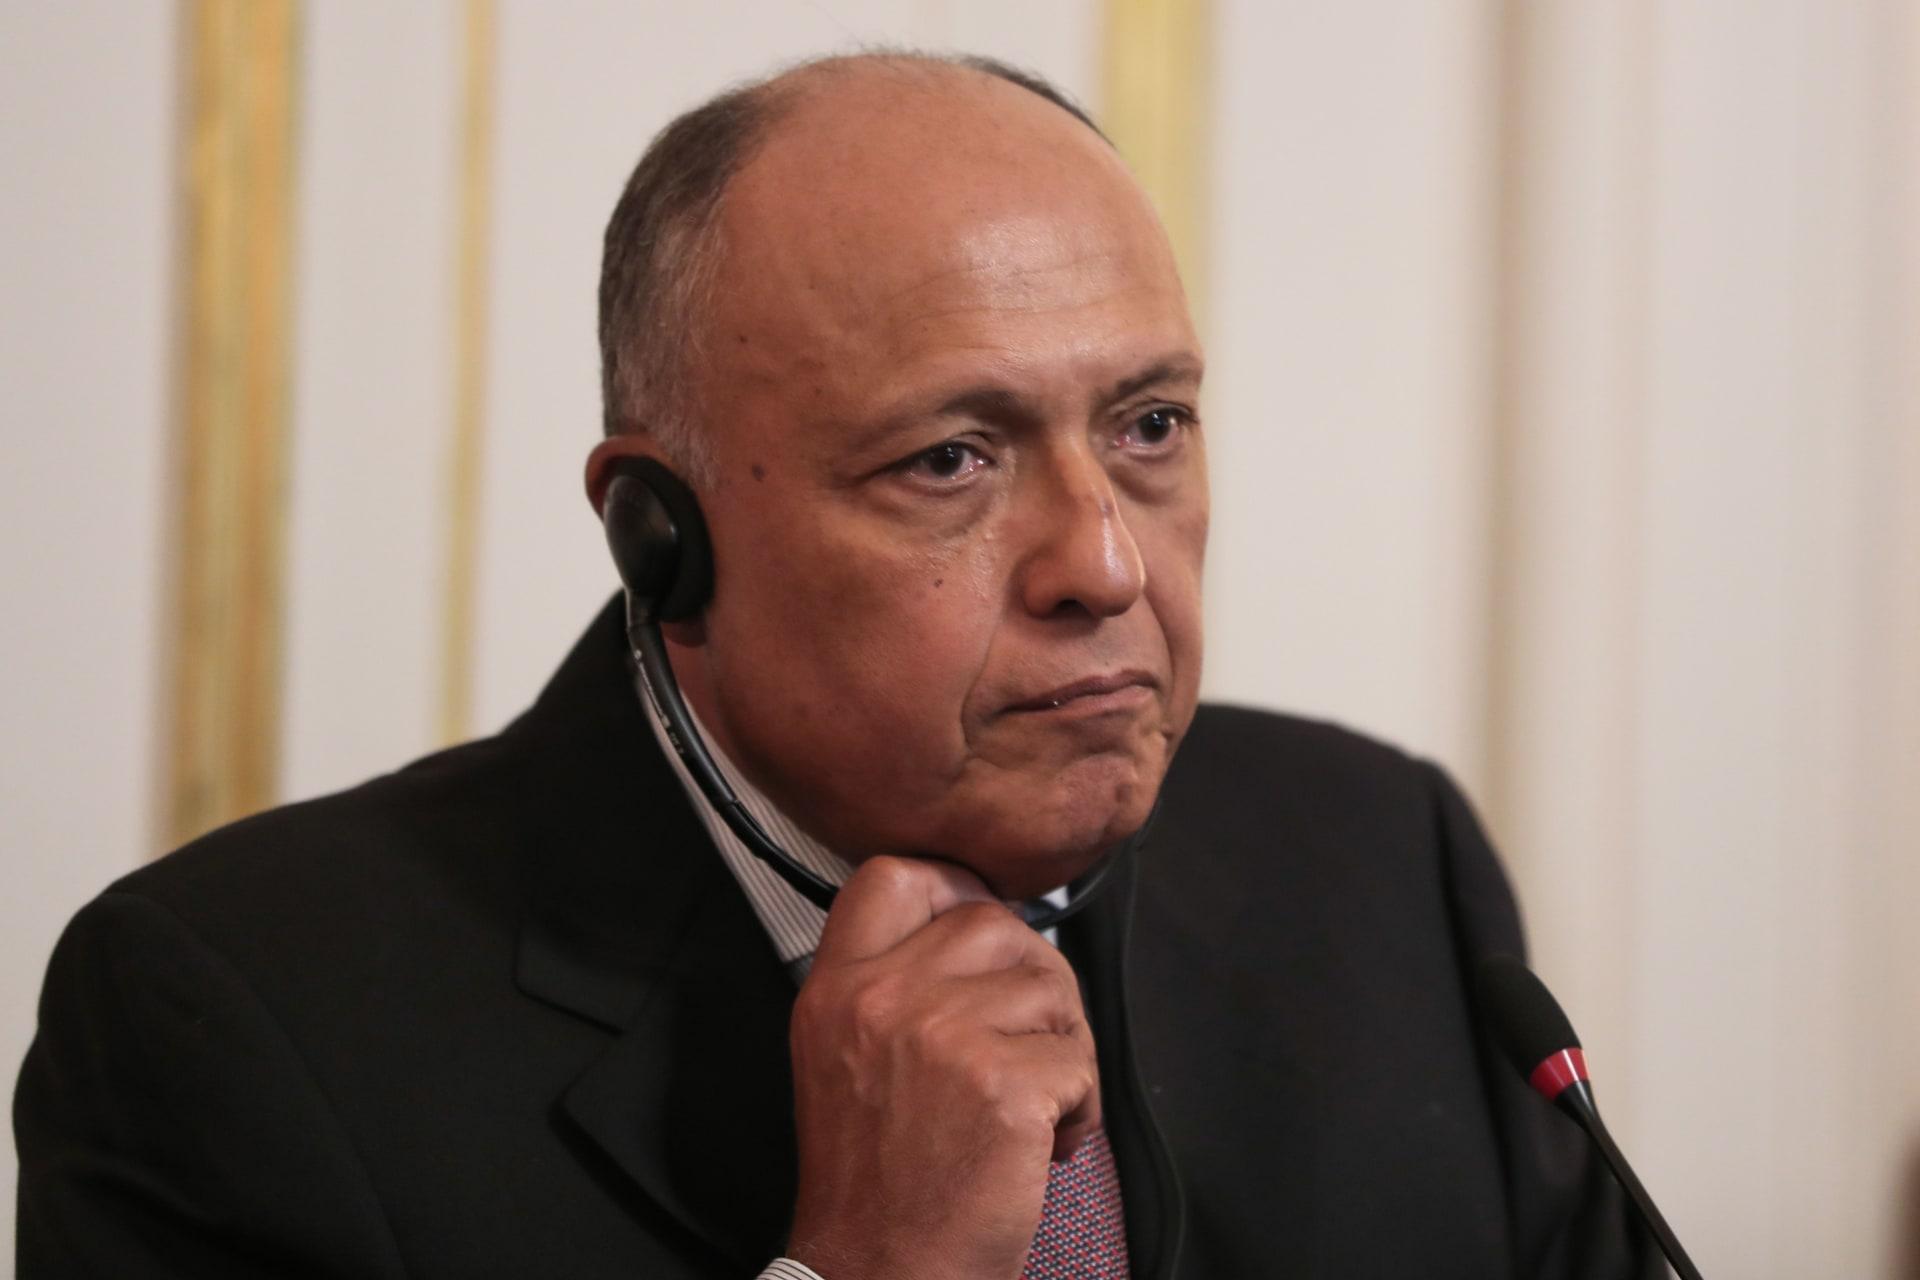 مصر ترد على بيان مشترك لأكثر من 30 دولة انتقدت وضع حقوق الإنسان في البلاد